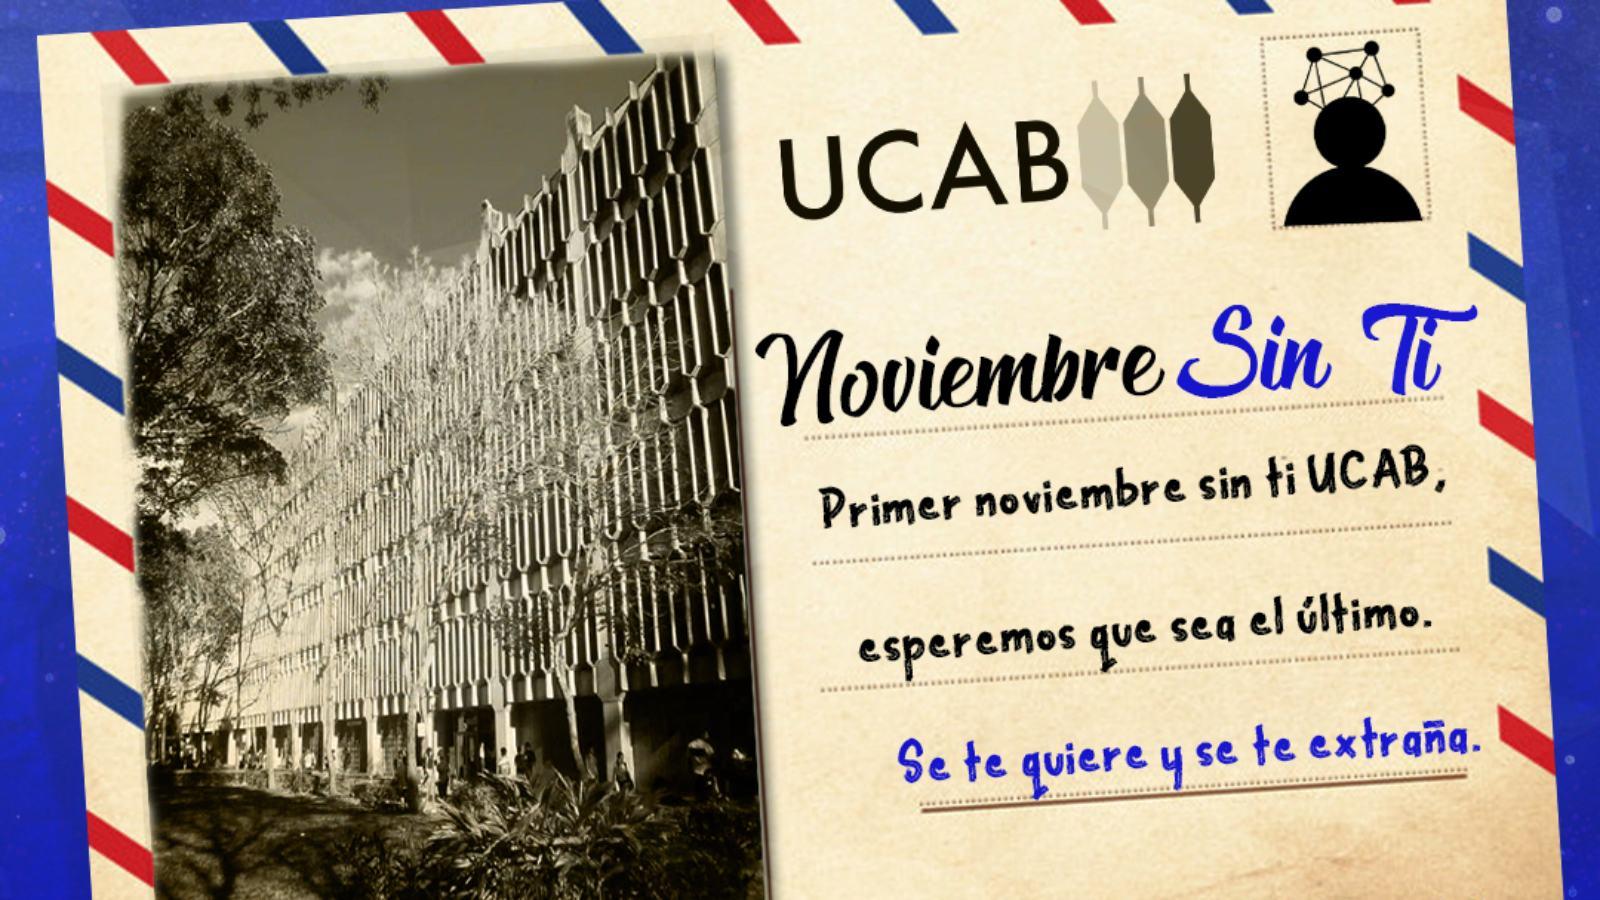 Noviembre sin la UCAB